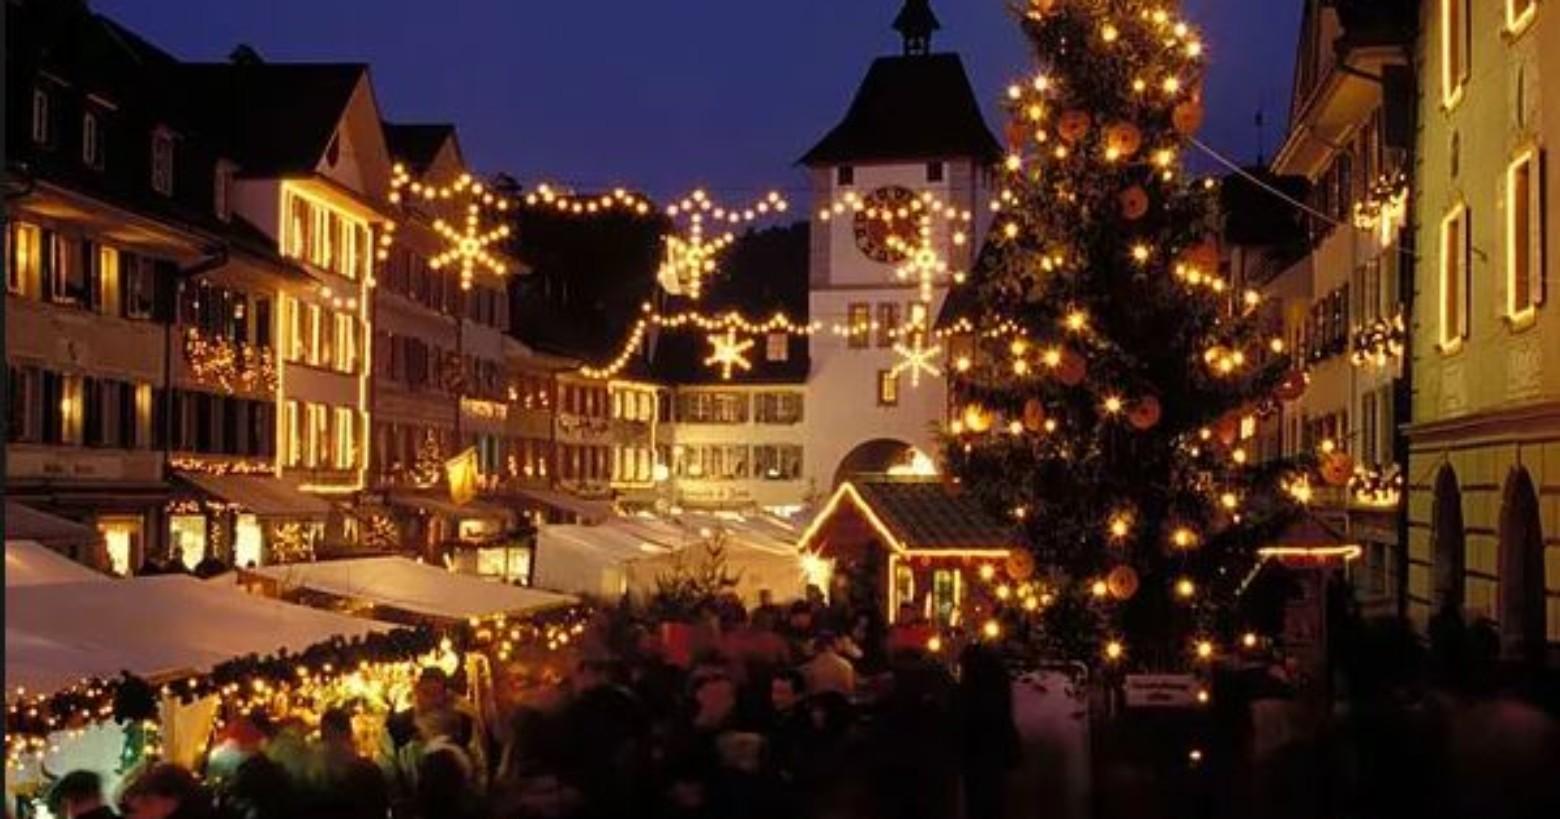 Weihnachtsmarkt Laufenburg.Die Schönsten Weihnachtsdörfer Der Schweiz Suissebook Die